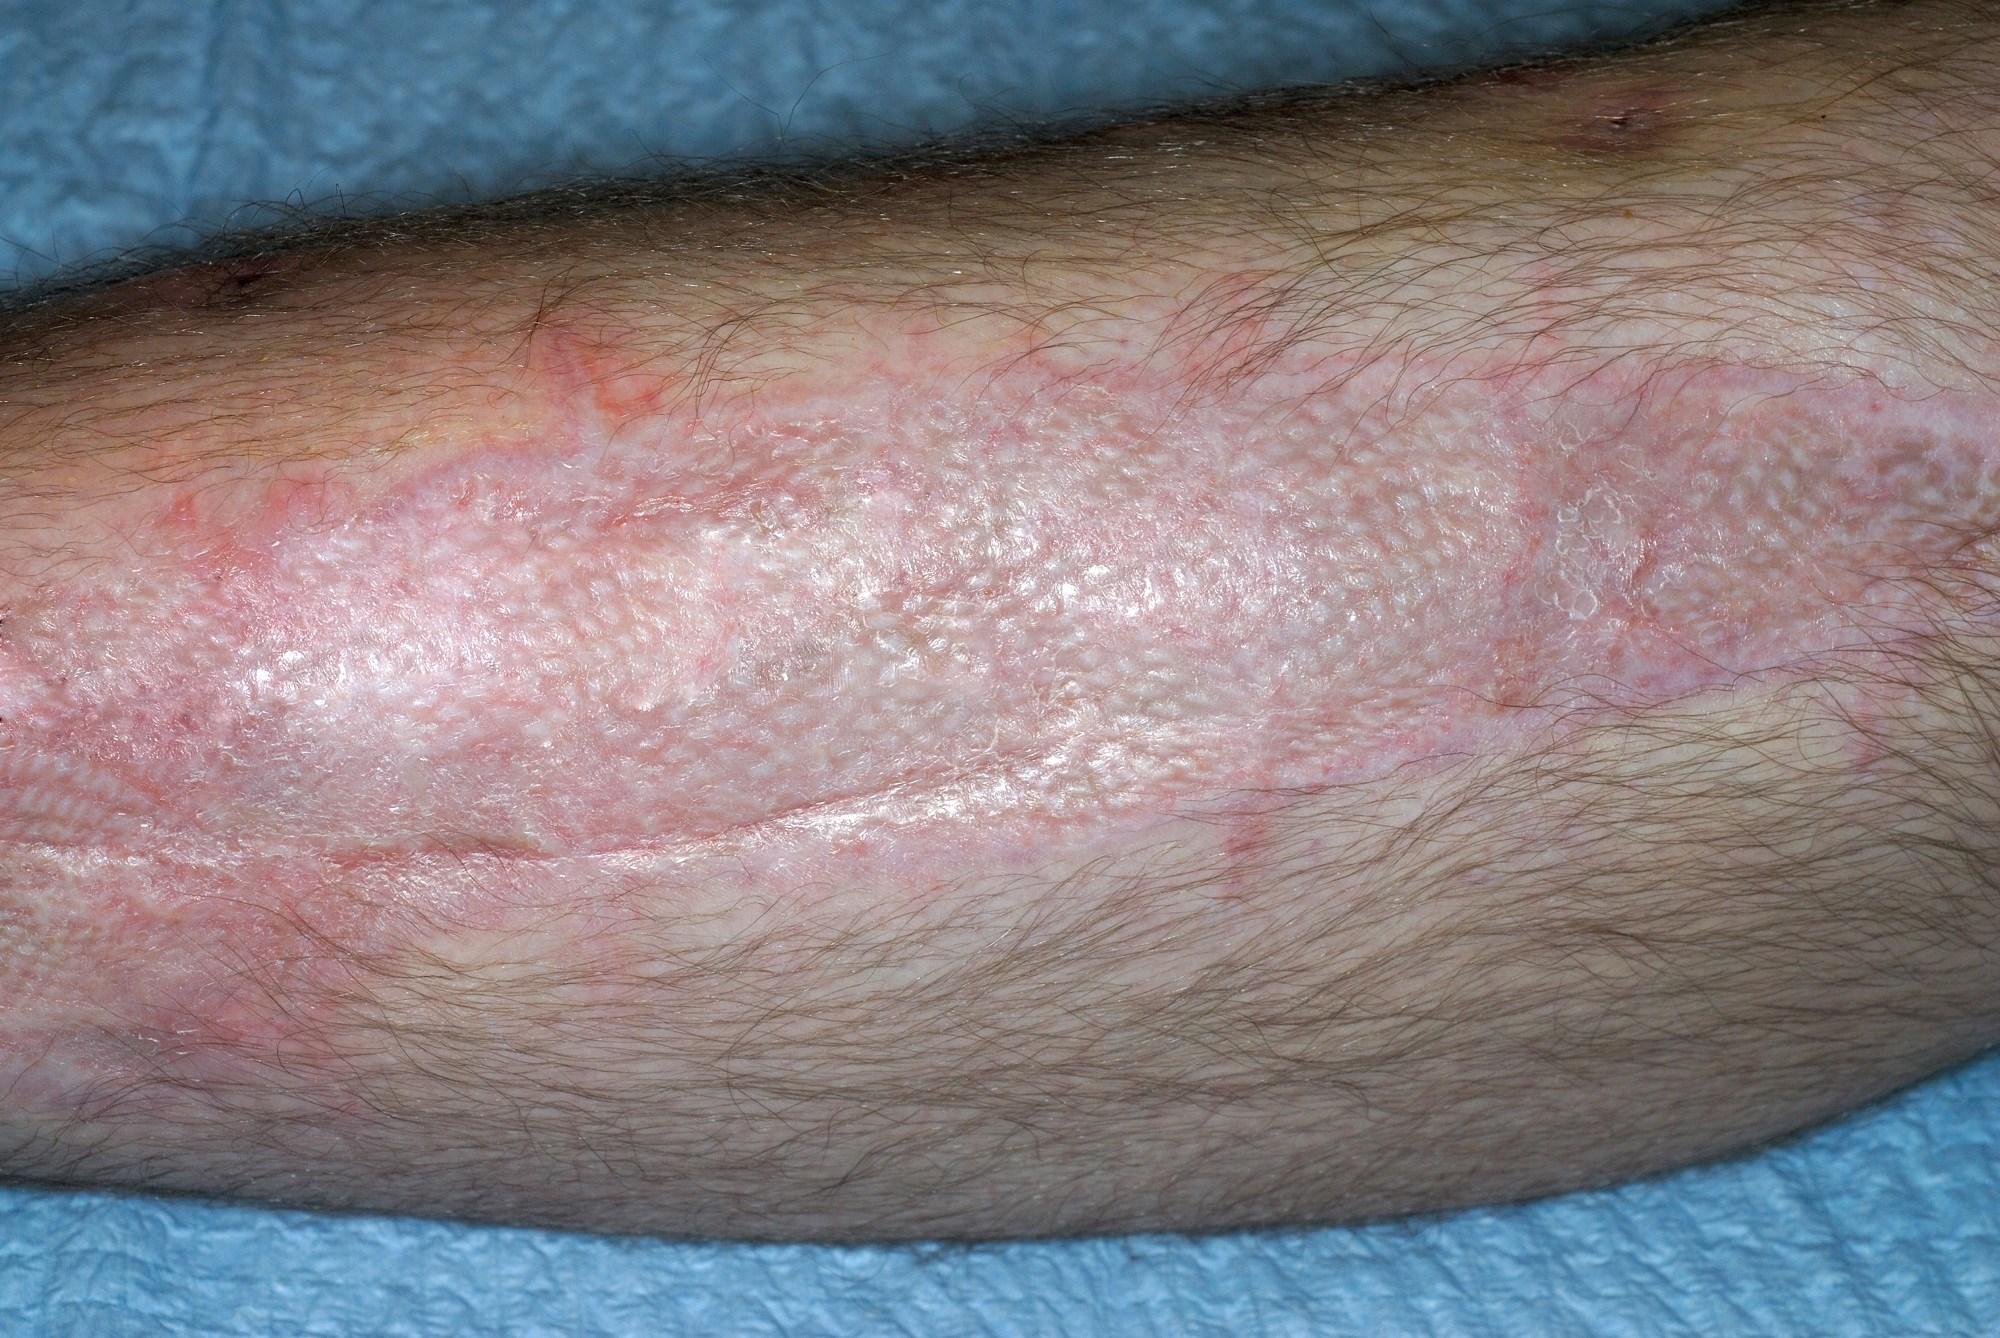 Fractional CO2-Laser Resurfacing Improves Appearance of Skin Grafts